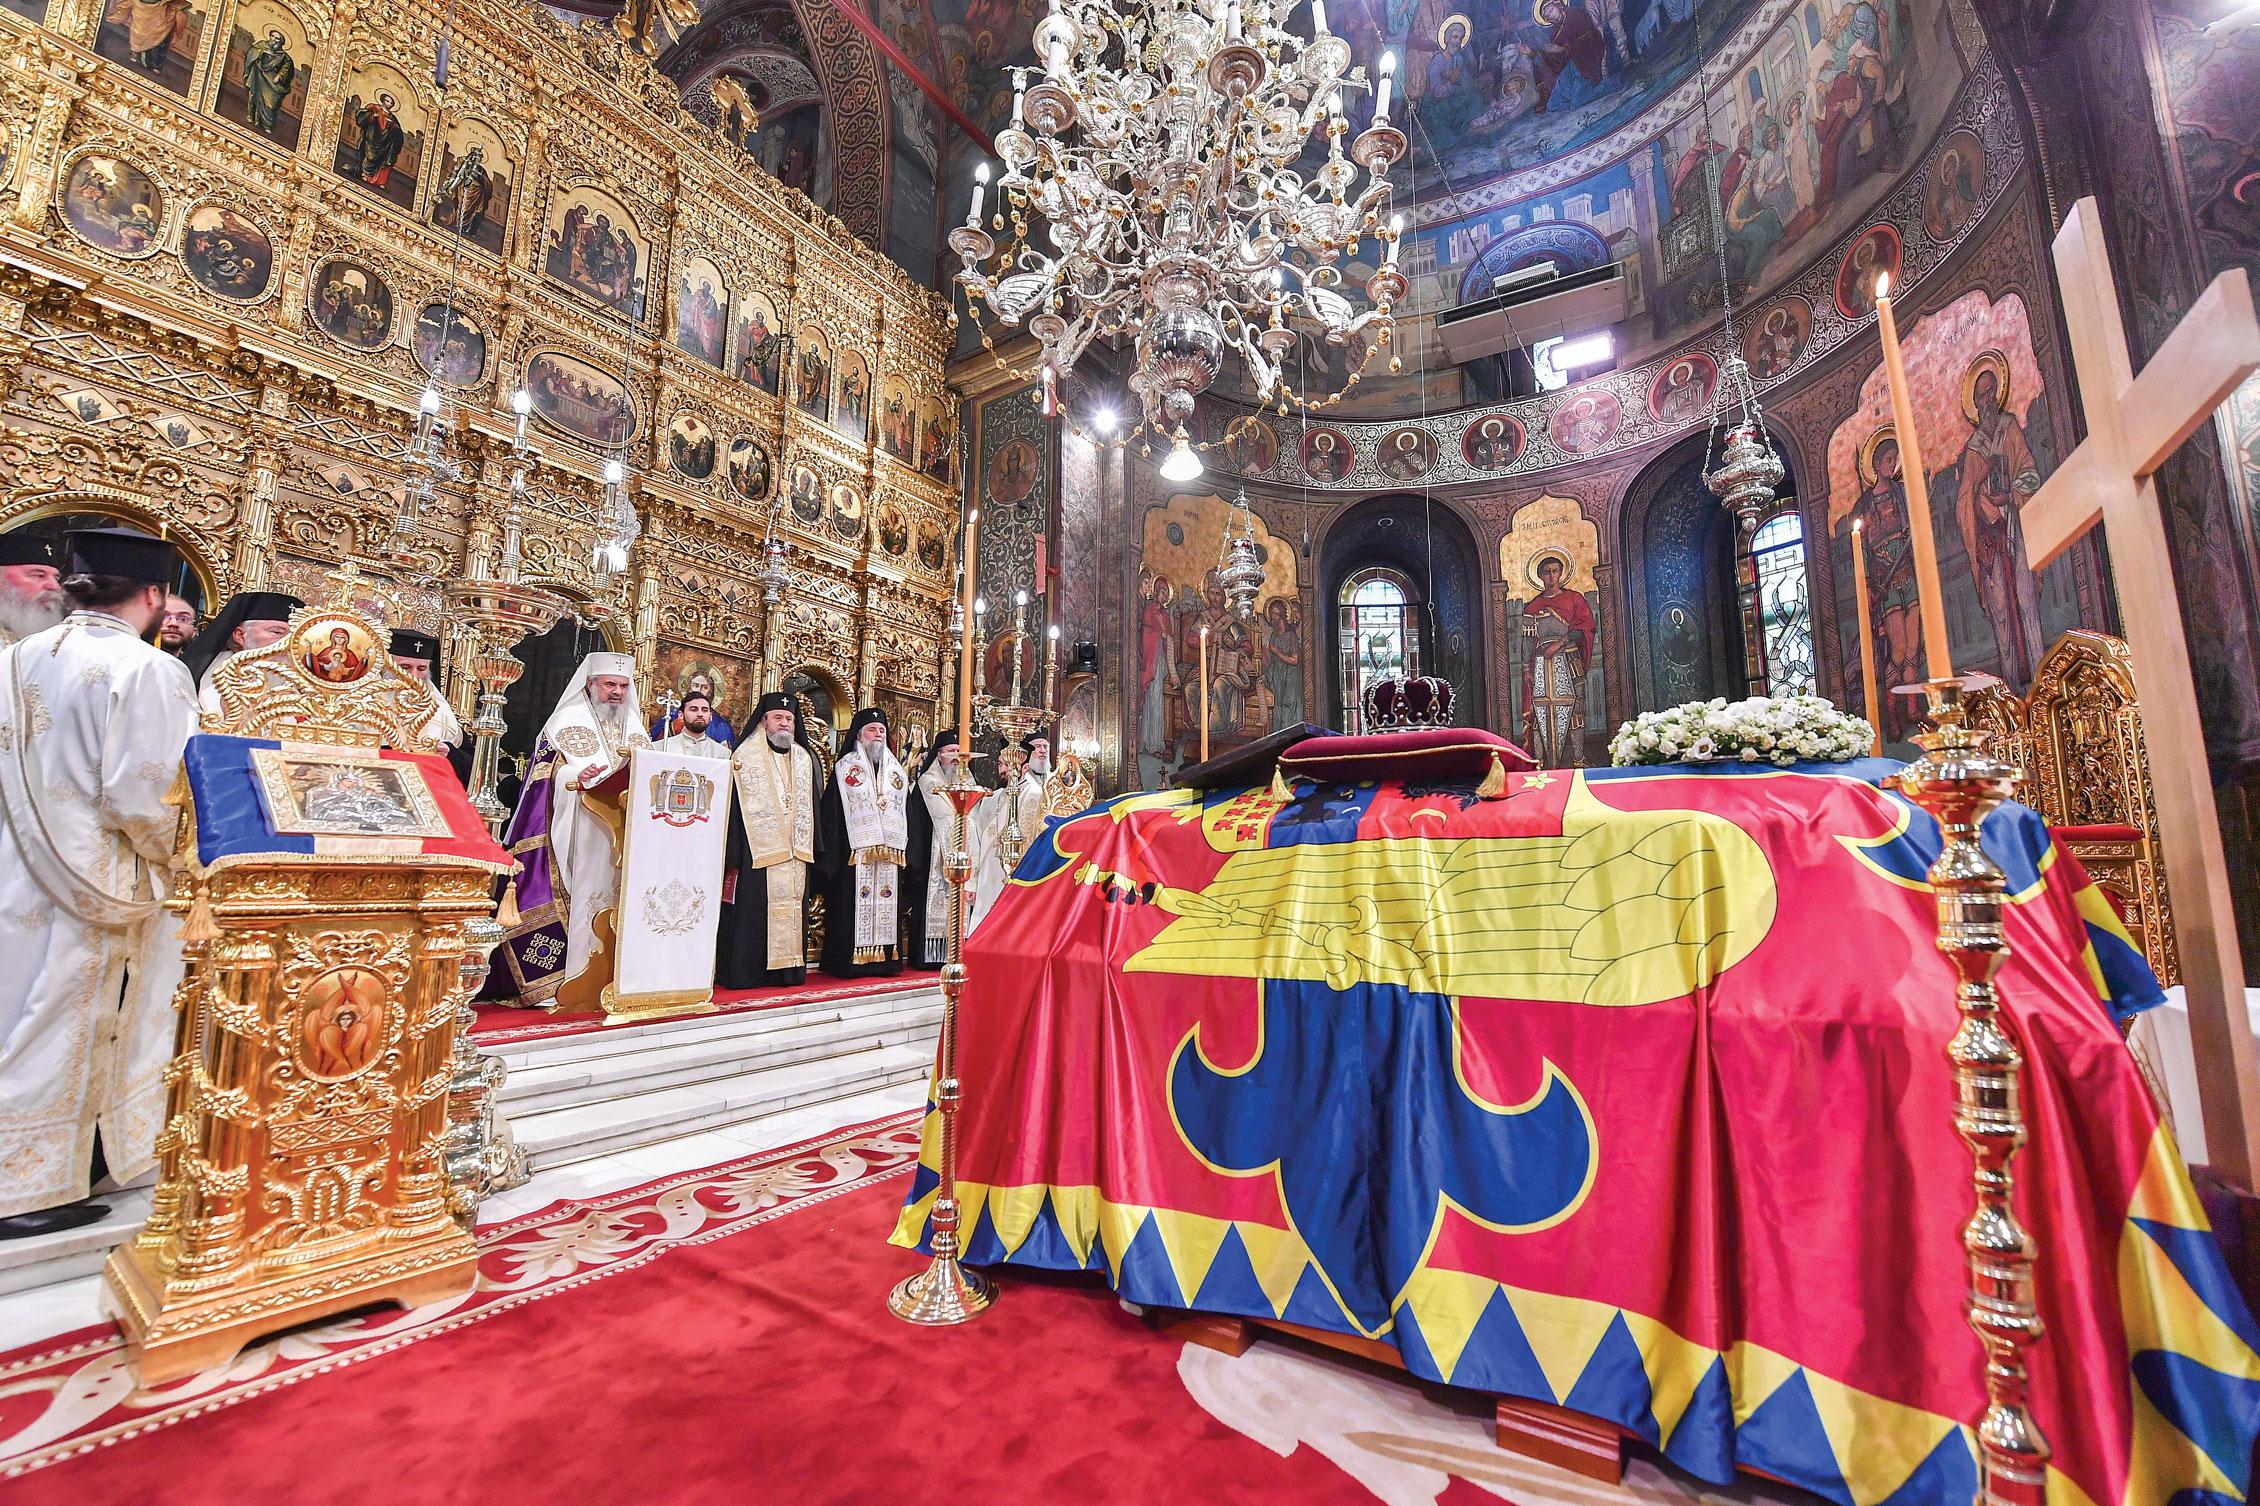 Regele Mihai – un simbol al suferinței și speranței poporului român